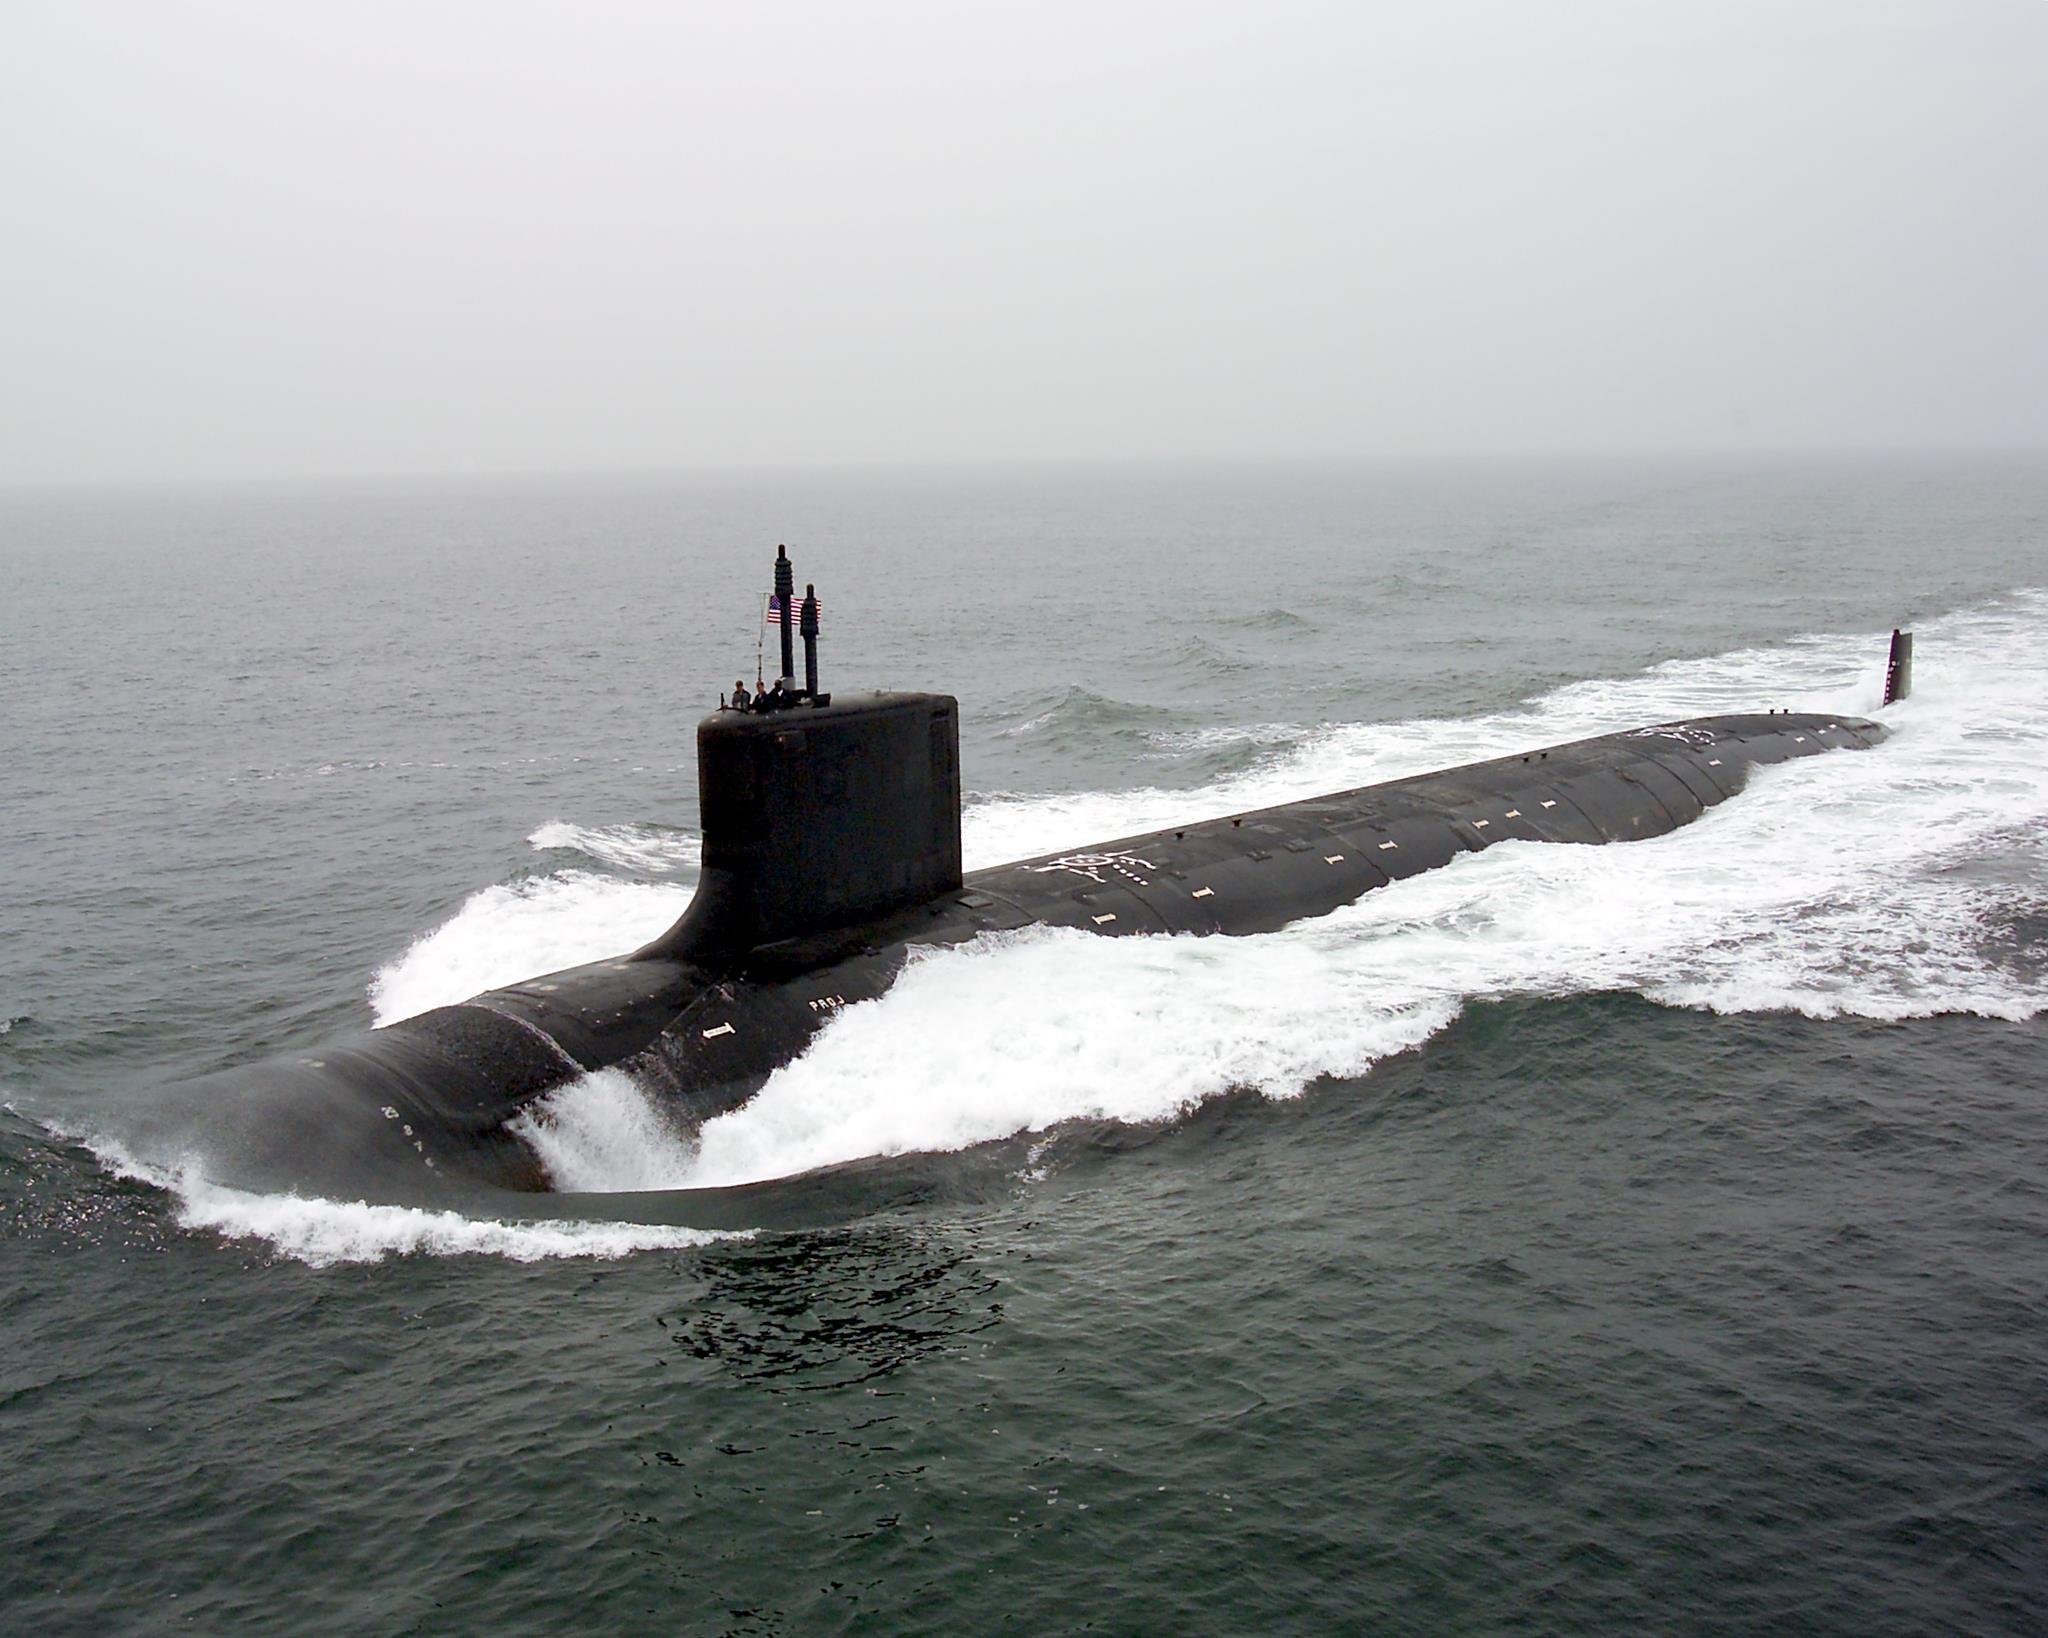 美國,中國,西太平洋,海權,第一島鏈,戰略扼制點,巴士海峽,菲律賓海,水雷,水下無人載具